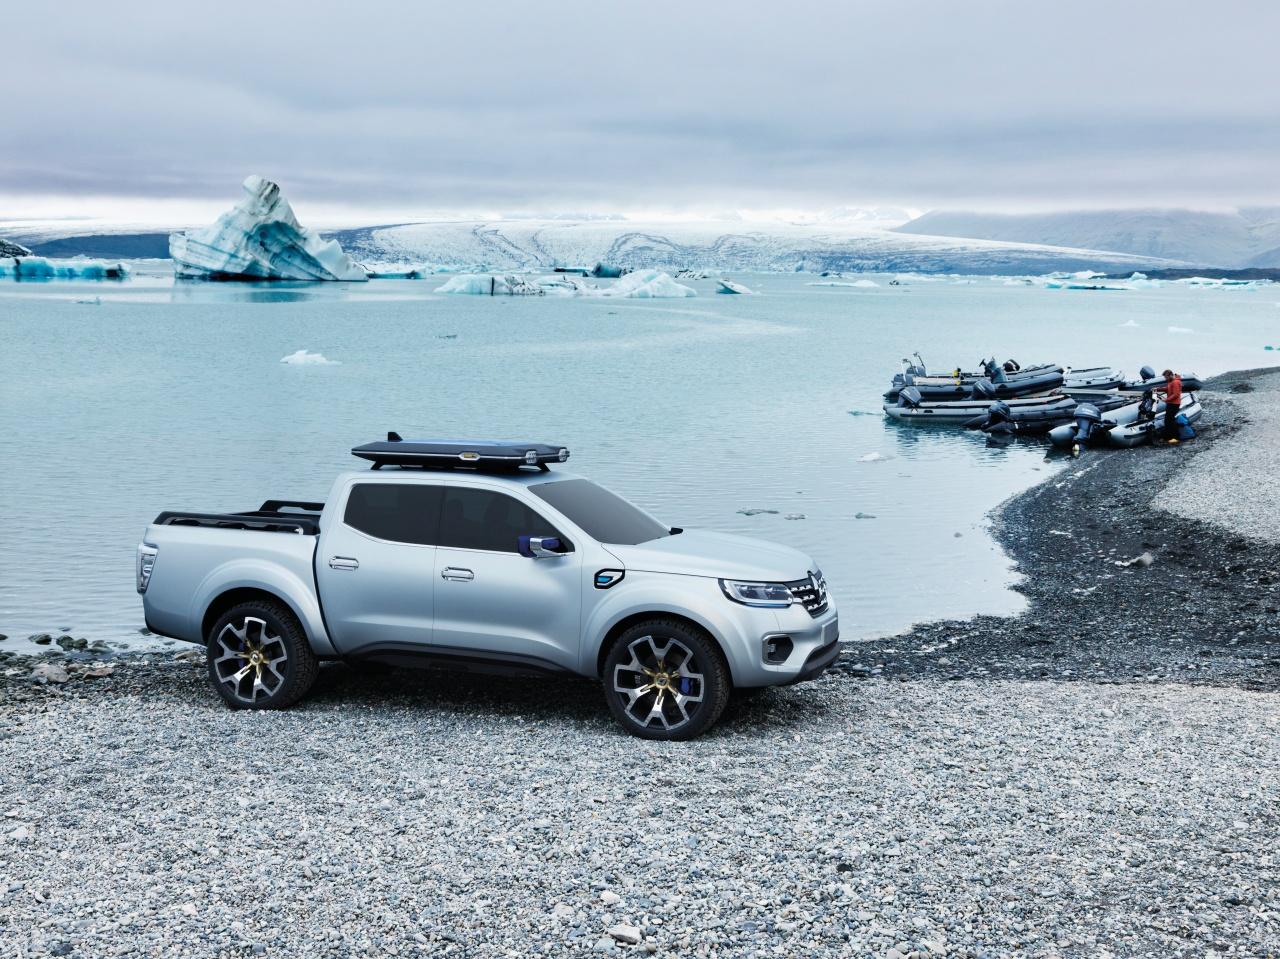 00087648 Η Renault εισέρχεται στην κατηγορία των επαγγελματικών pick-up με το επιβλητικό πρωτότυπο Ζ-U60 Pick-up, Renault, Renault Pro+, Renault Z-U60, Επαγγελματικά